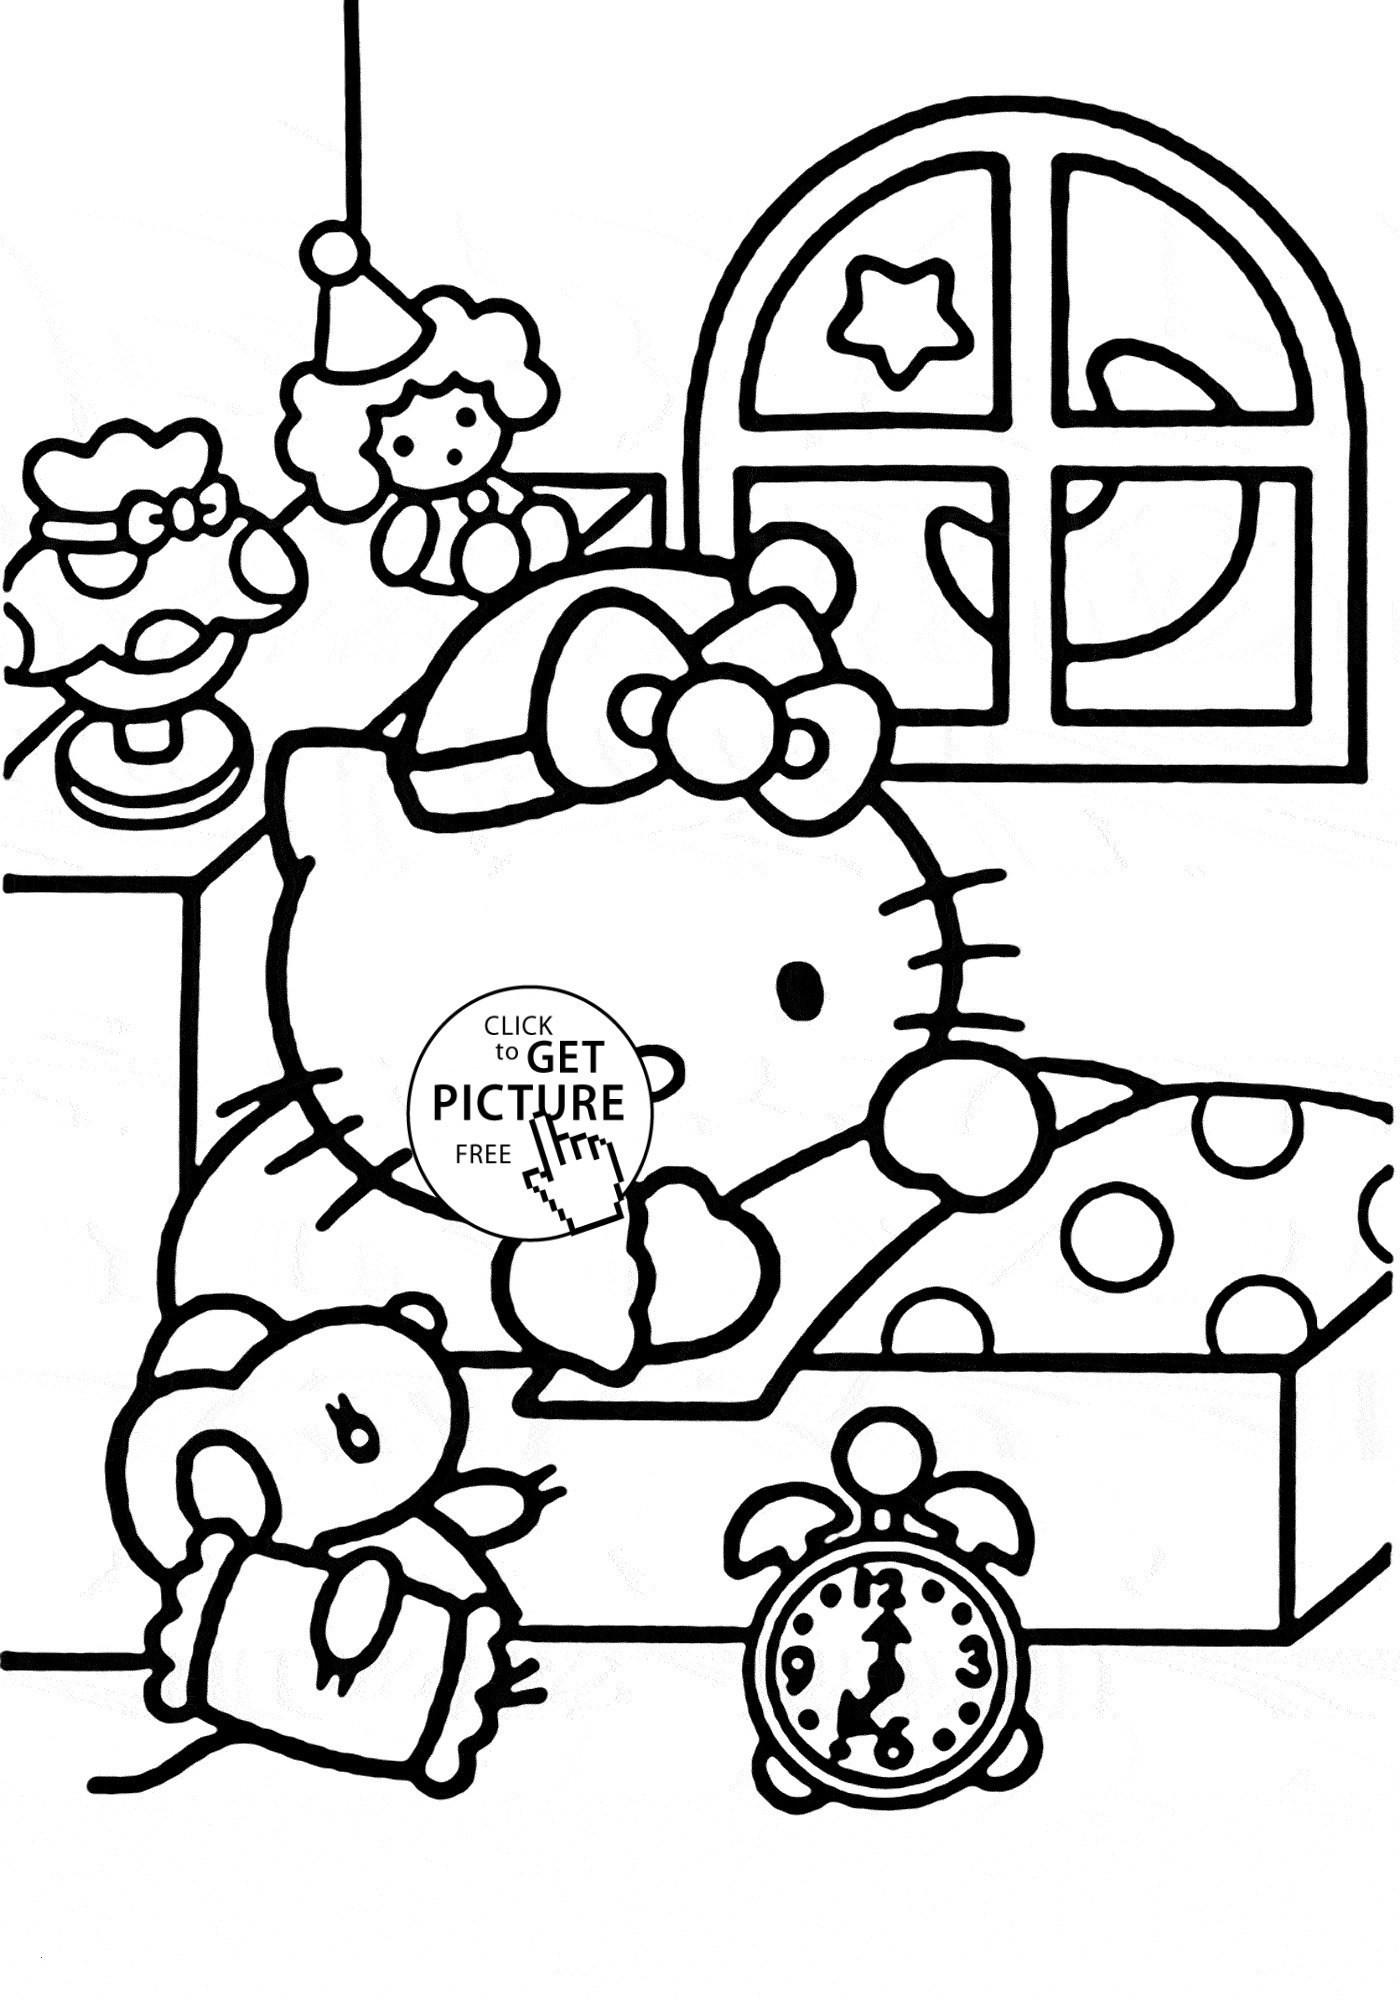 Ausmalbilder Ich Einfach Unverbesserlich Genial Ausmalbilder Von Hello Kitty Luxus 32 Ausmalbilder Ich Einfach Bilder